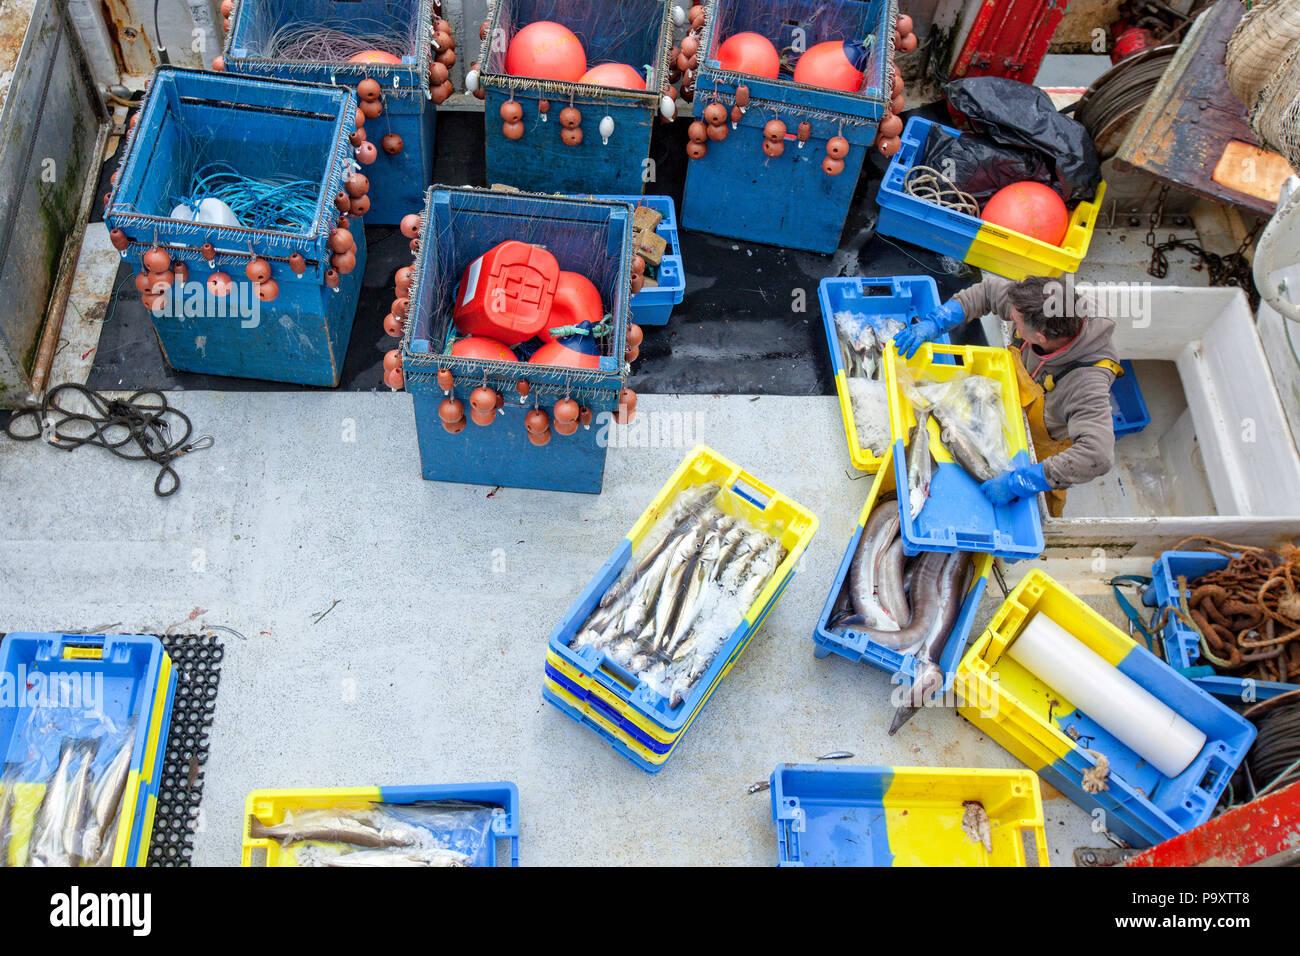 El puerto pesquero de Keroman uno de los mayores puertos pesqueros en Francia, este puerto está listo para todos los tipos de pesca todo el año. Lorient, Keroman, la base de submarinos, Bretaña, Francia. Imagen De Stock